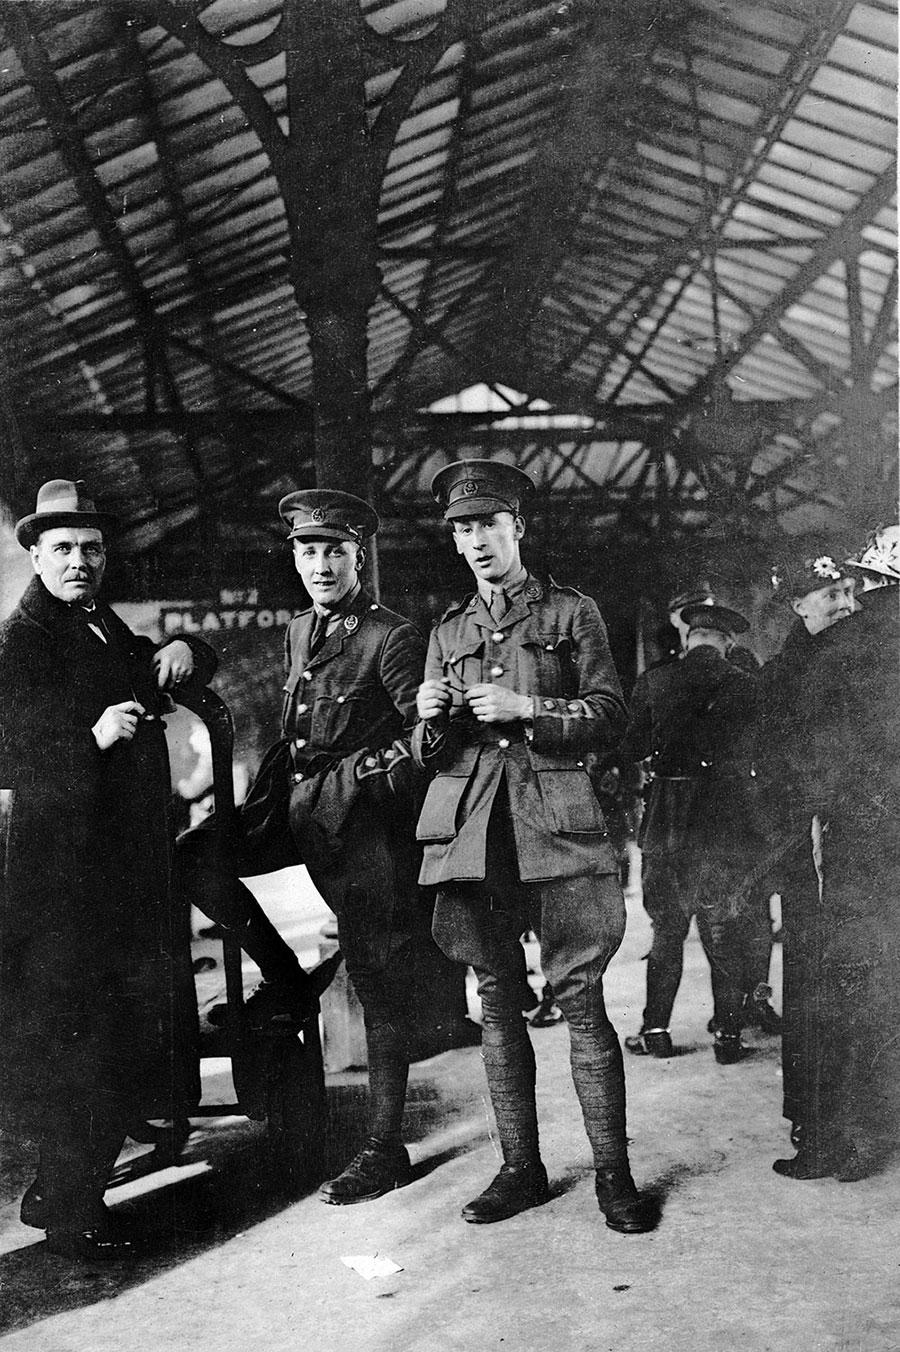 Лейтенант Гарри Колвер позирует с Альфредом Карром, 1915 год